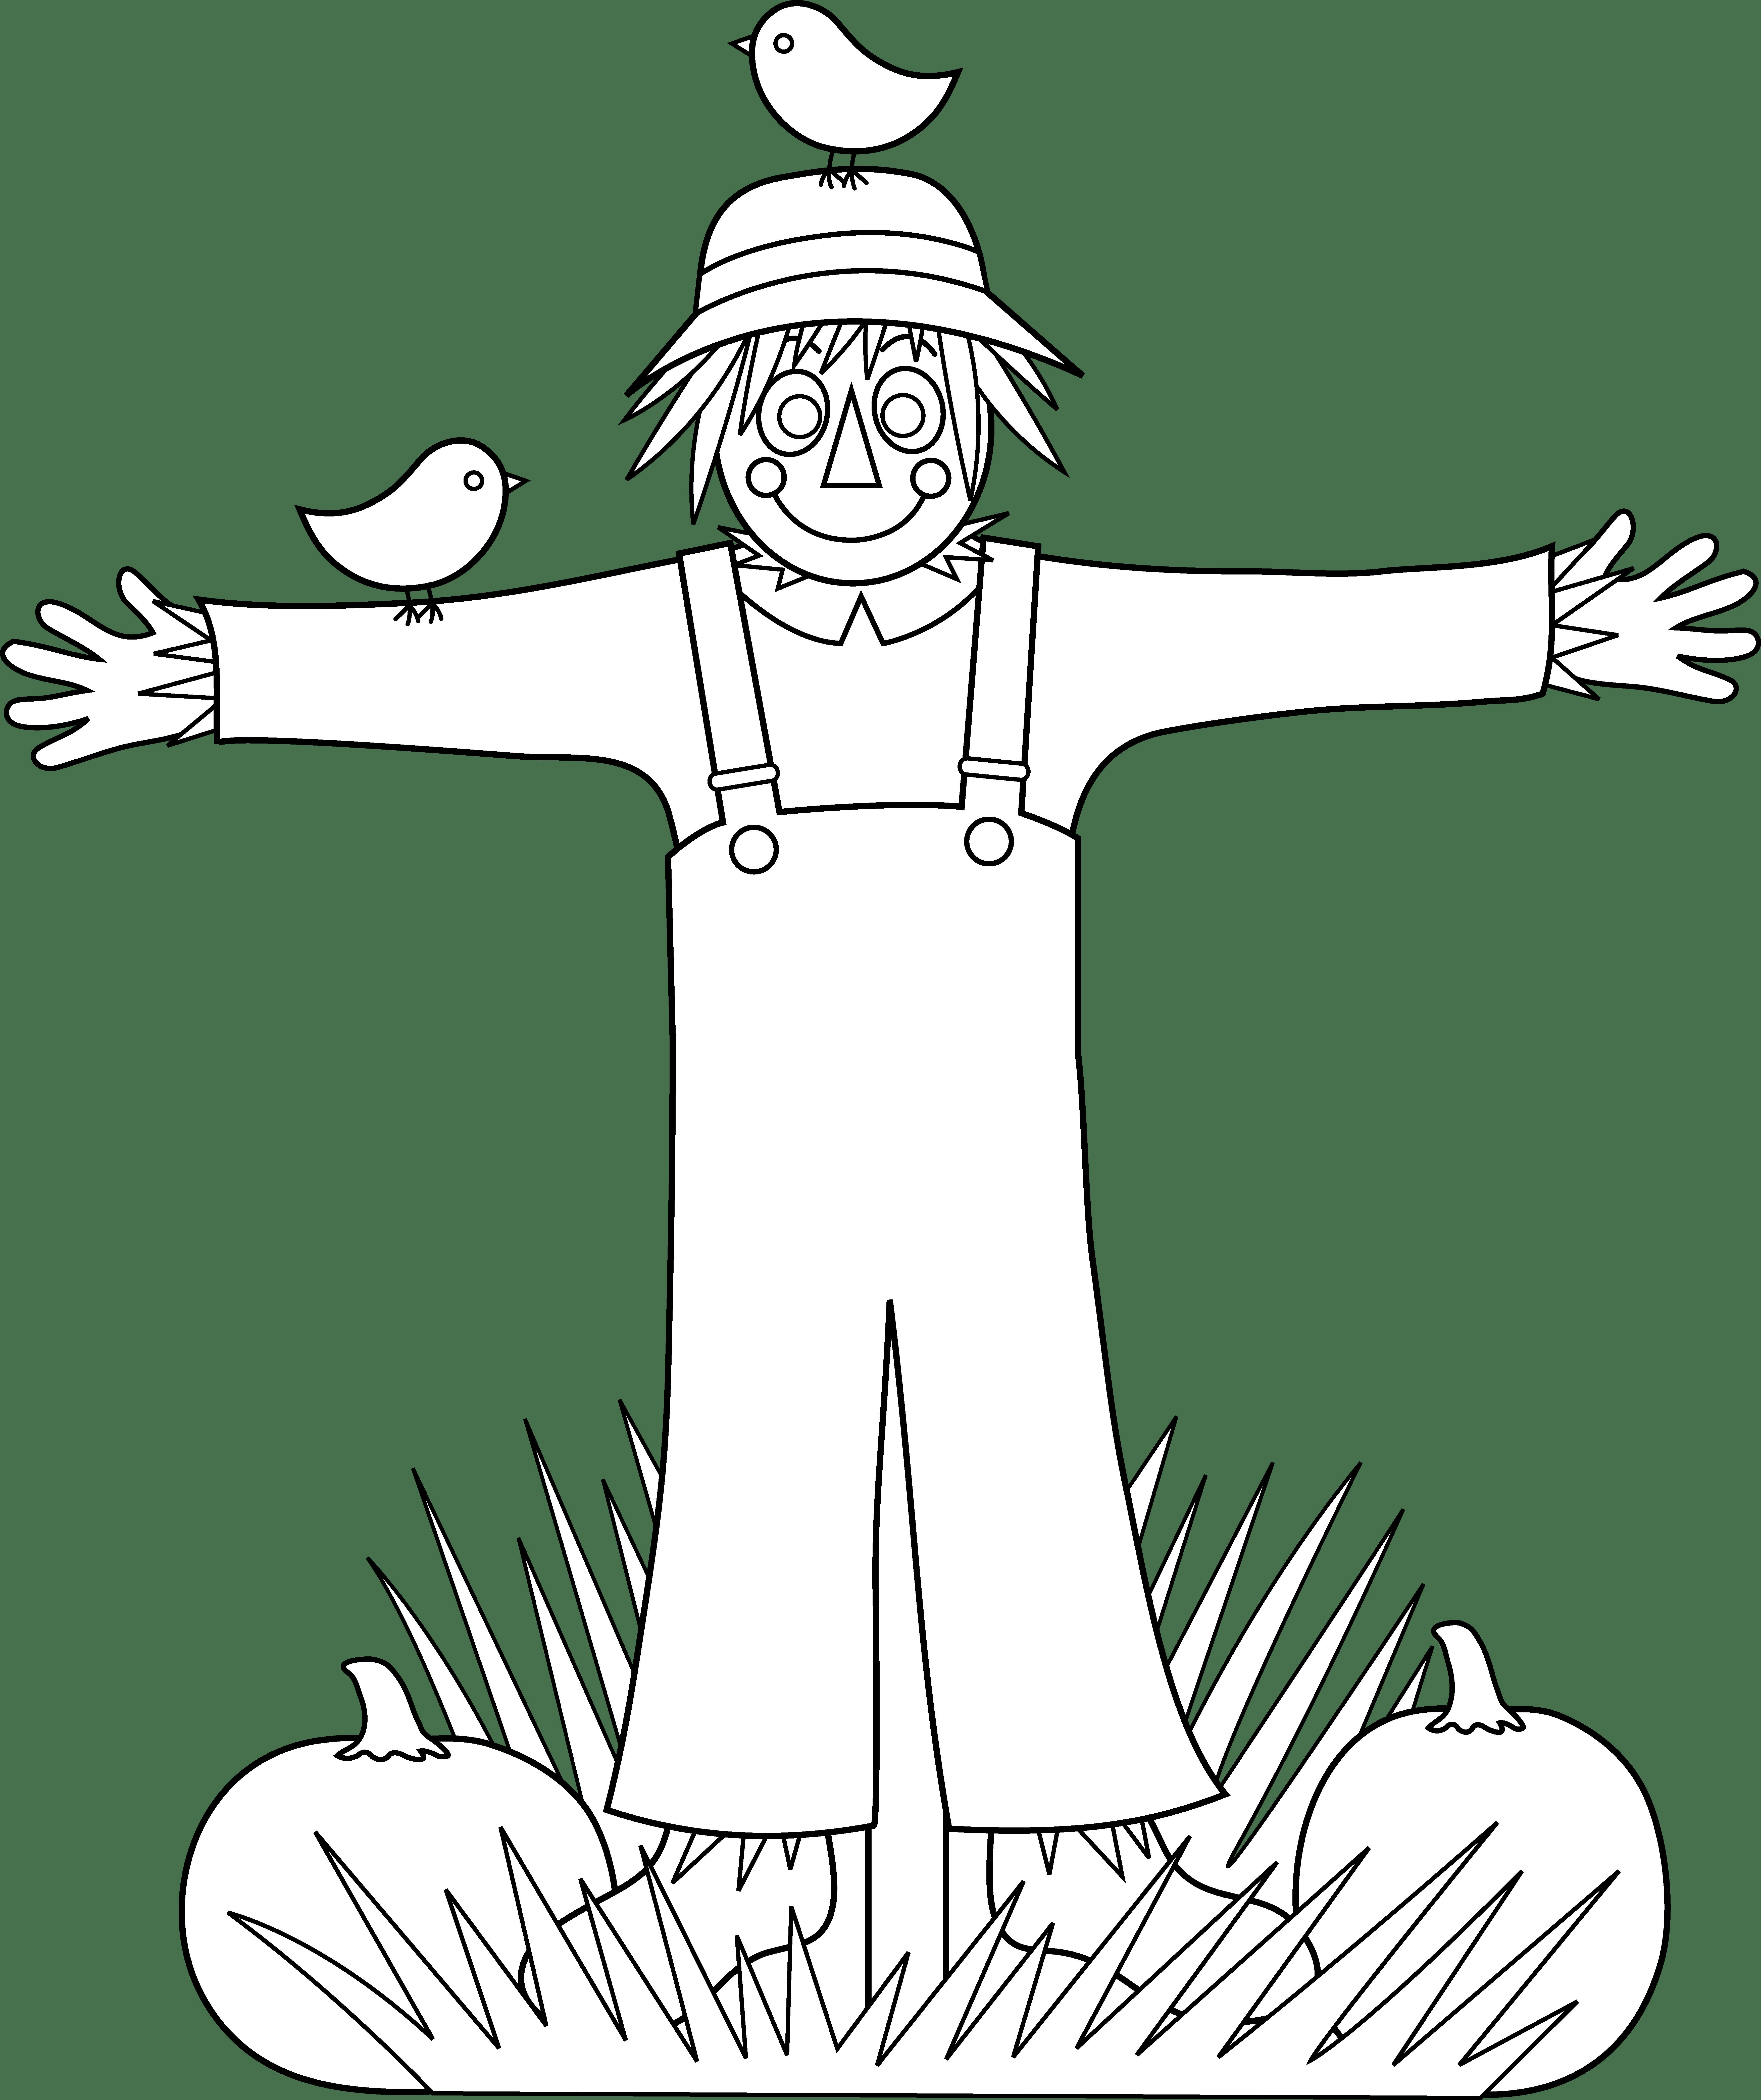 Coloring page democraciaejustica . Scarecrow clipart scarecrow hat